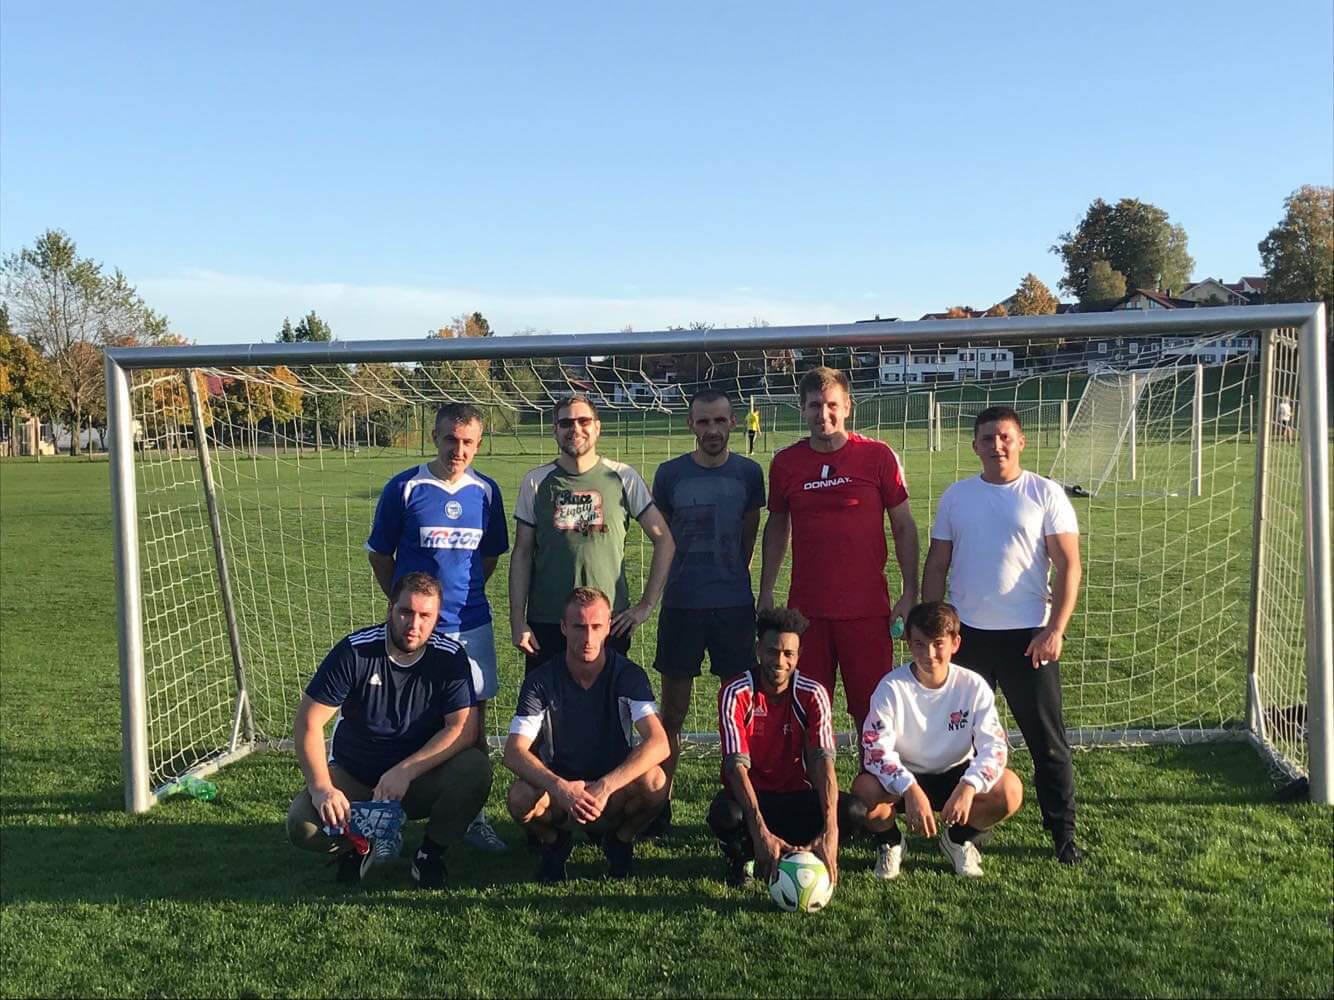 Arpogaus Stahlbau Fussballteam